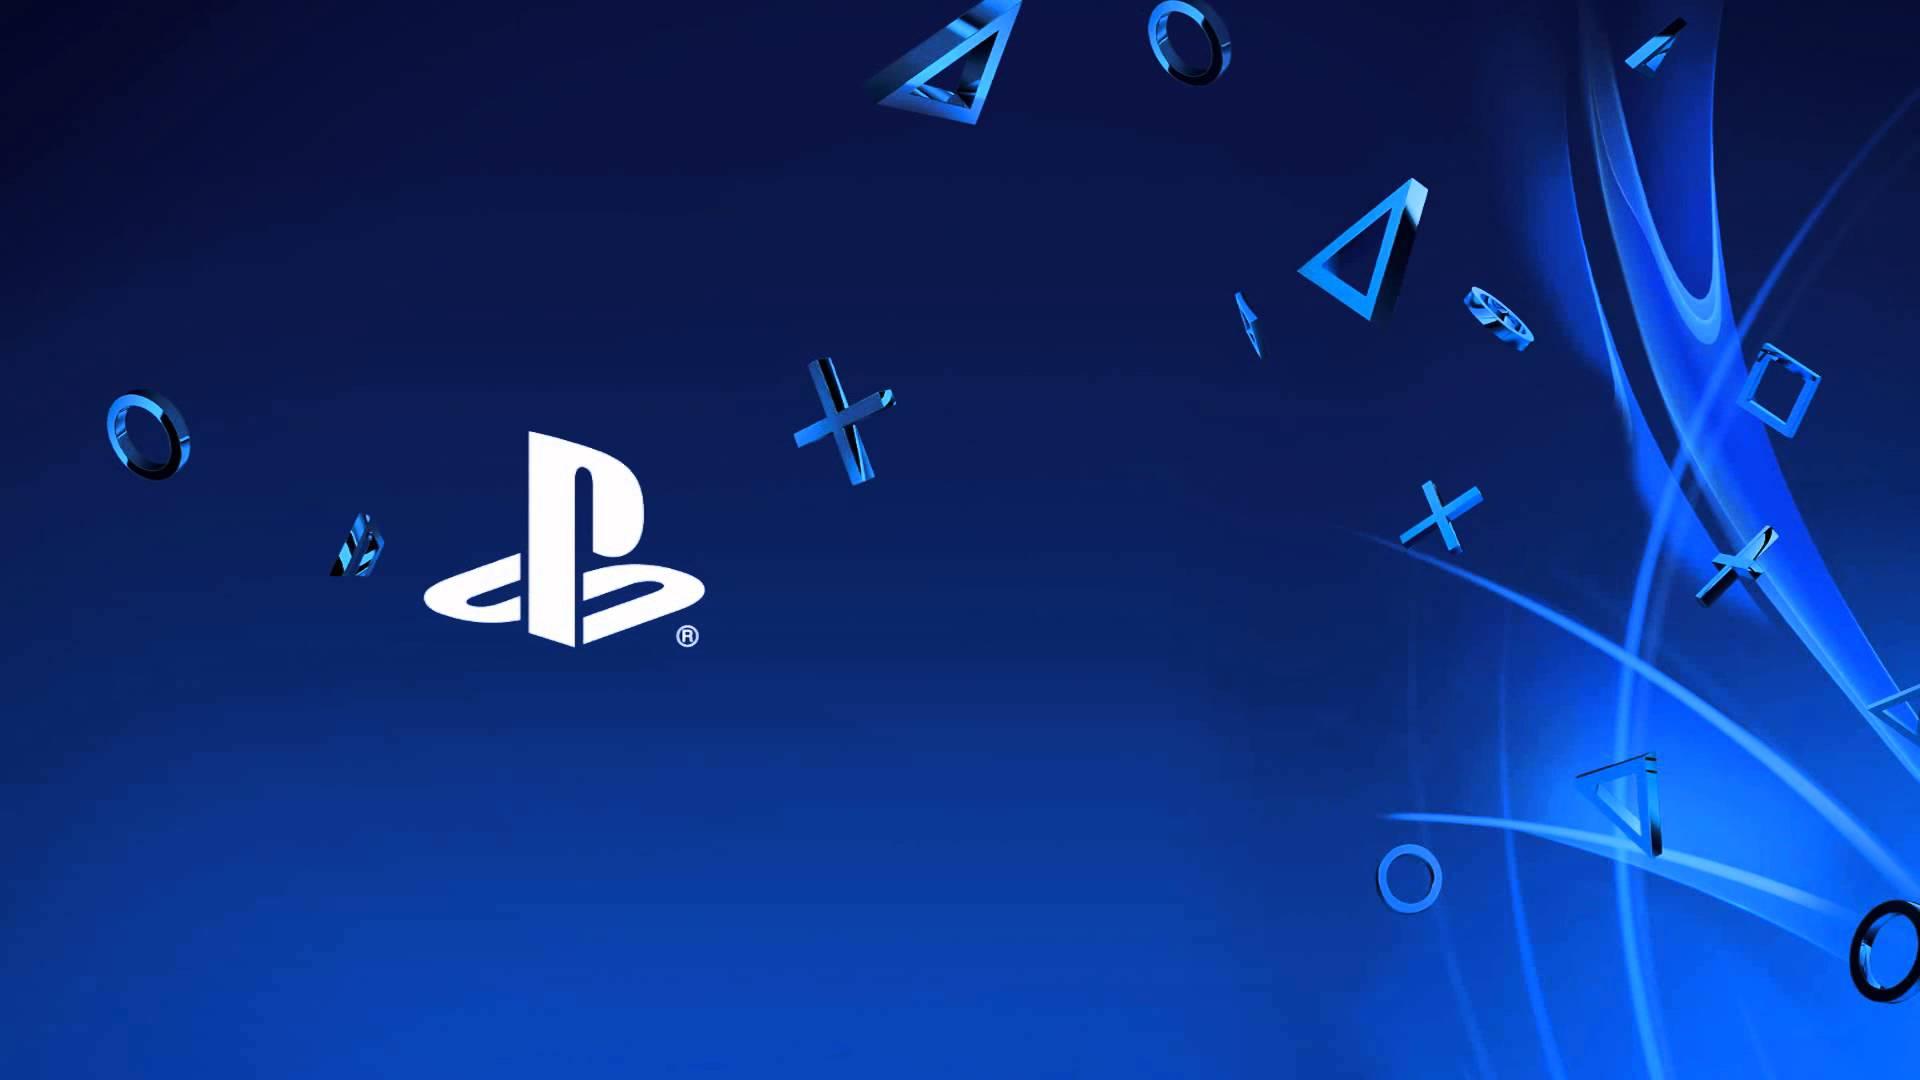 My PlayStation